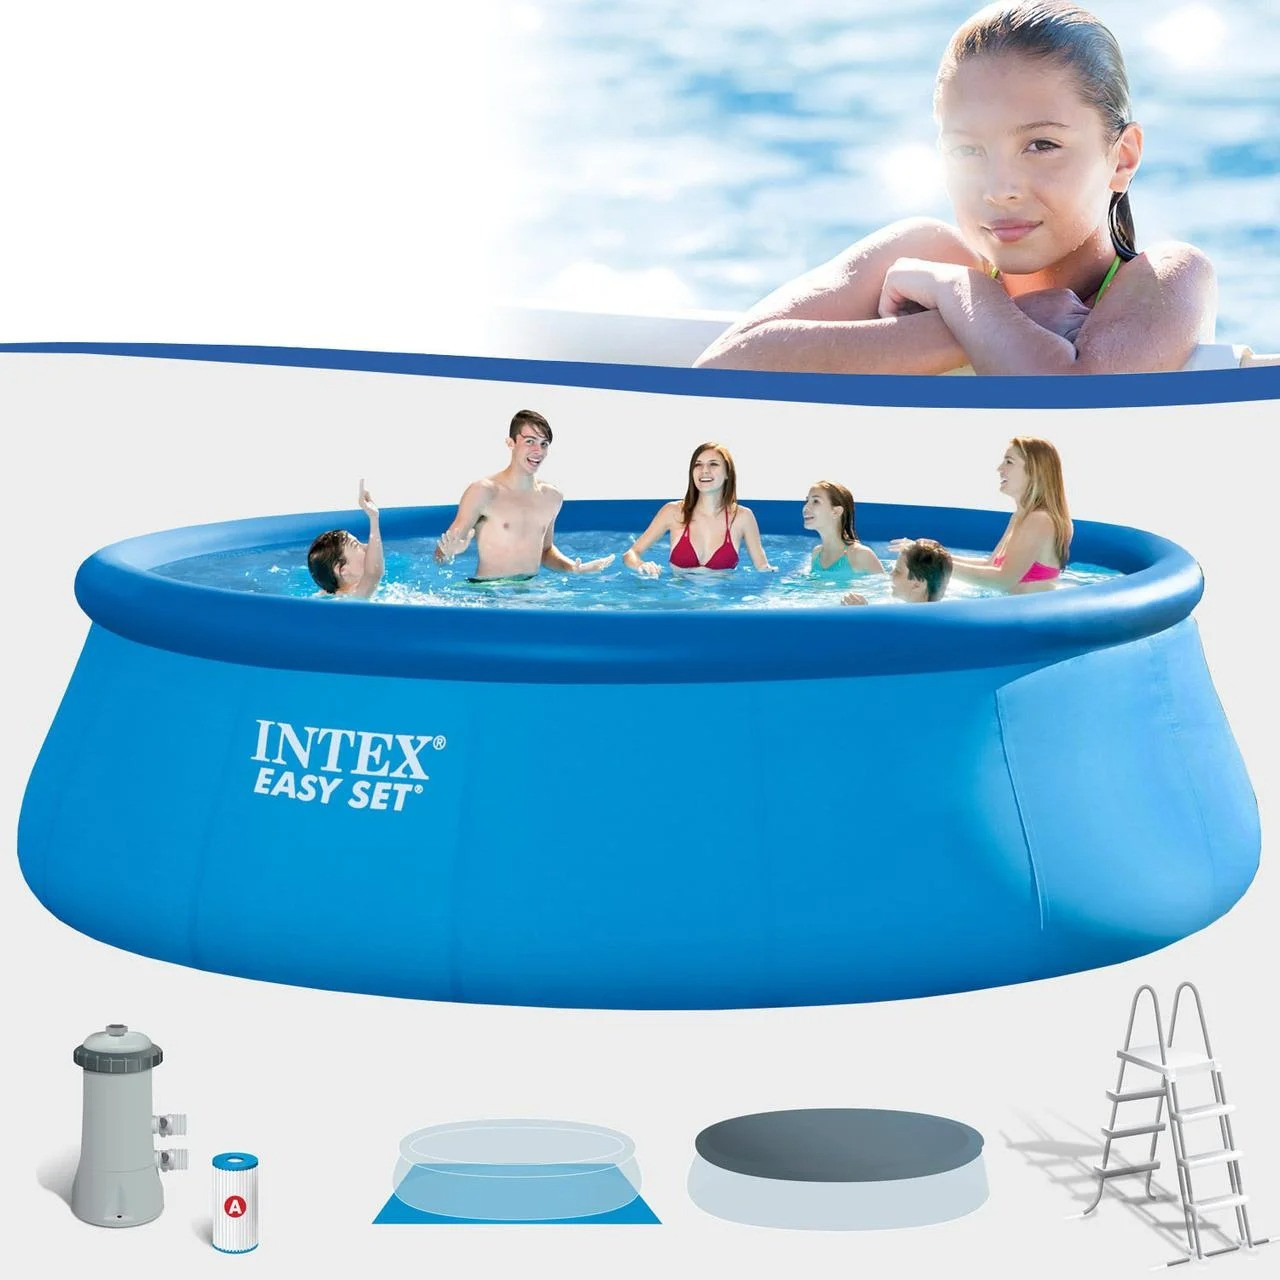 Басейн надувний Intex Easy Set 457х122см 26168 з фільтр-насосом Великий сімейний круглий басейн для дому